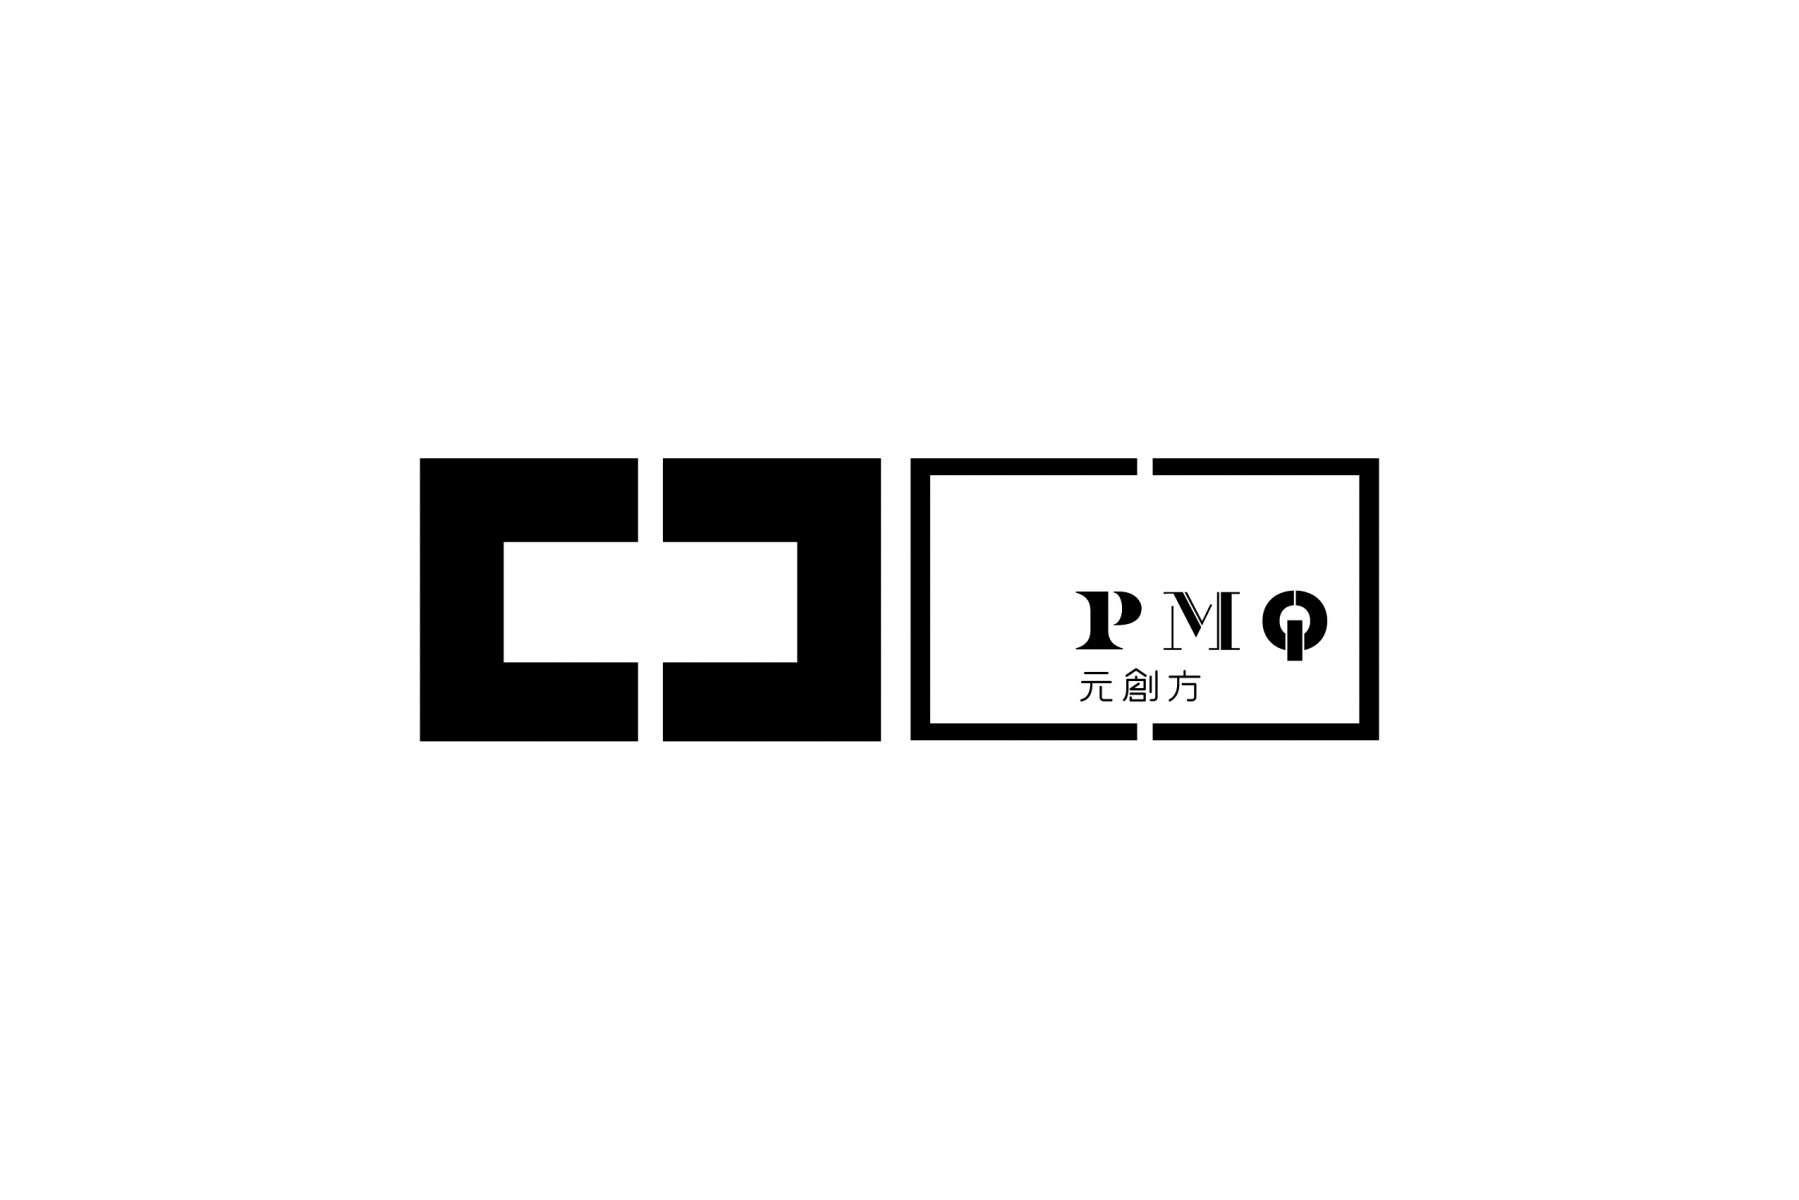 PMQ 元創方招募計劃